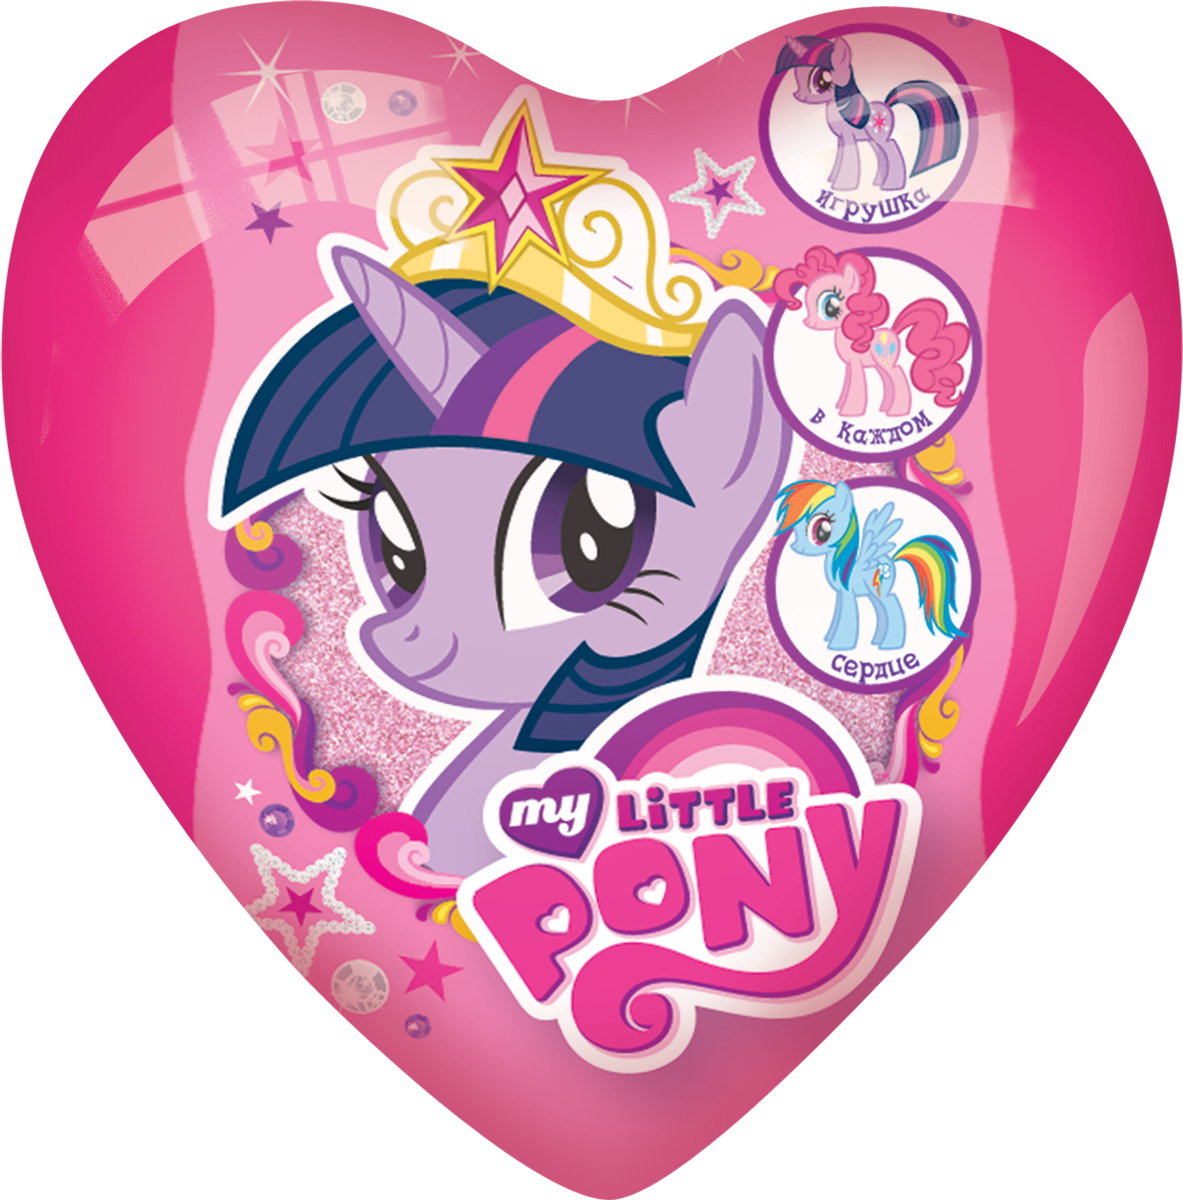 My Little Pony фруктовое драже с игрушкой, 20 г0120710Пластиковые сердца представляют собой фигурную капсулу, состоящую из 2 половинок. В капсулу вкладываются: 3D игрушка в отдельном пакете или капсуле с лифлетом, драже.